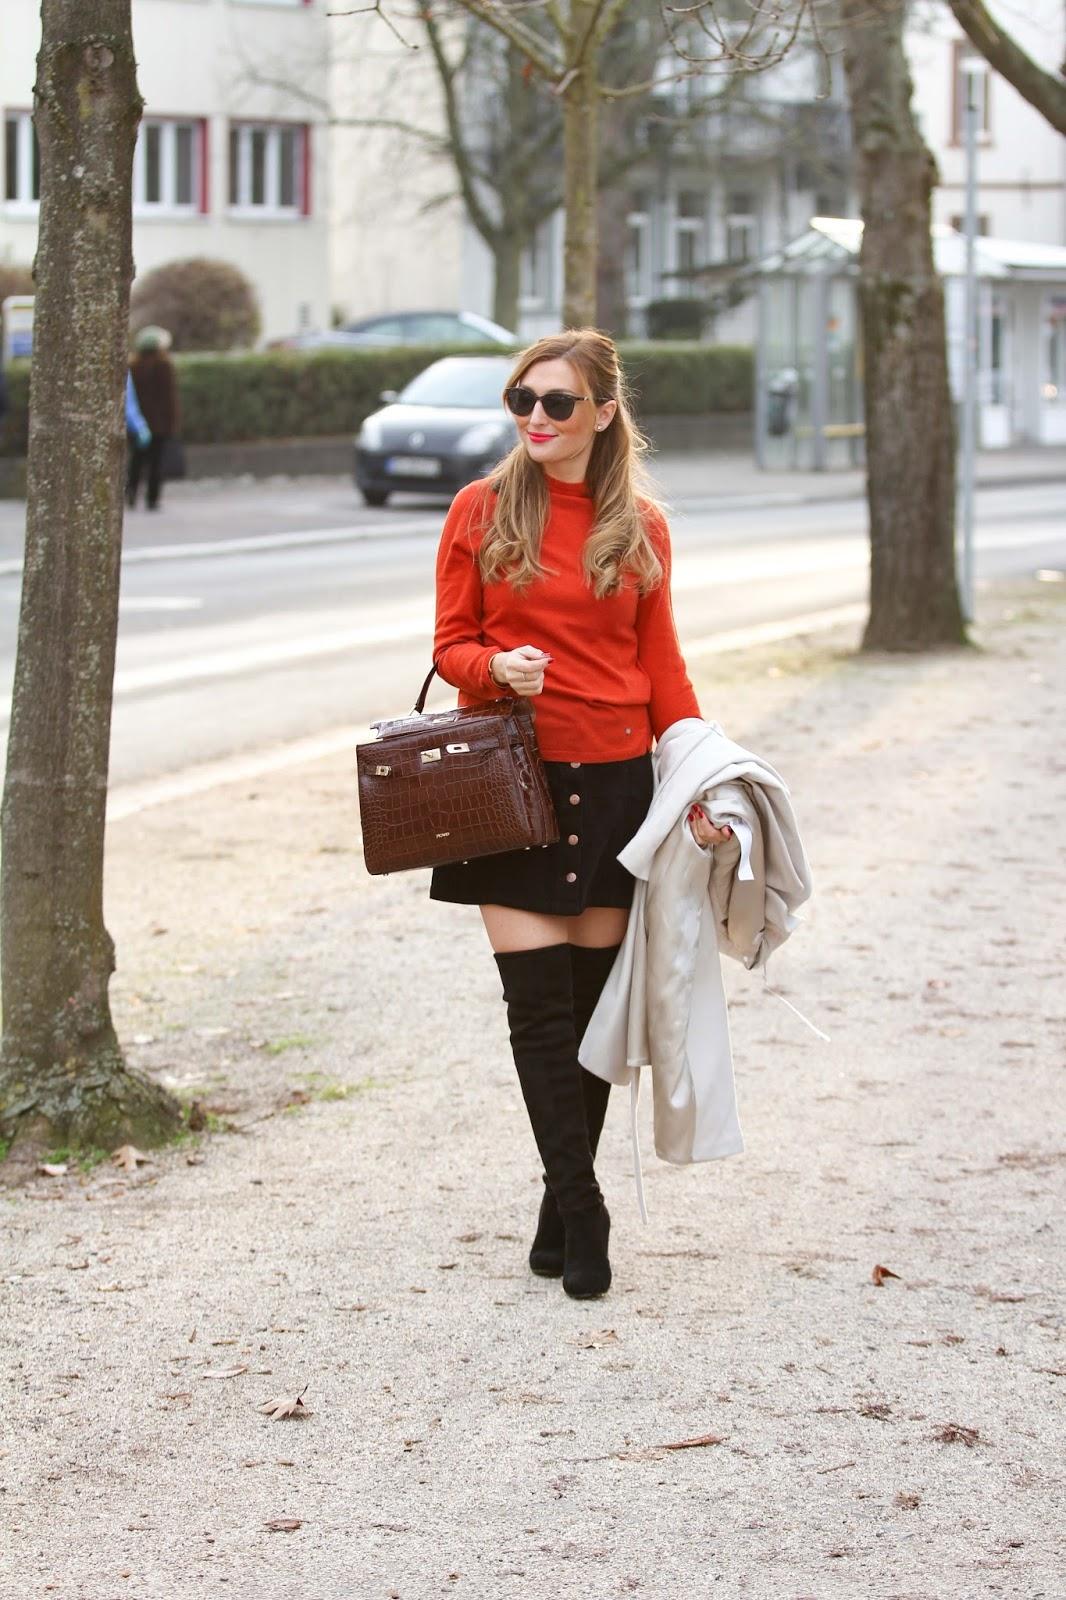 Frankfurt-Fashionblogger-Picard-Kroko-Tasche-Hermes-tasche-lookalike-Gerry-Weber-creme-Mantel-Rock-mit-knöpfen-orangener-Pullover-Streetstyle-Streetstyleblogger-Fashionstylebyjohanna